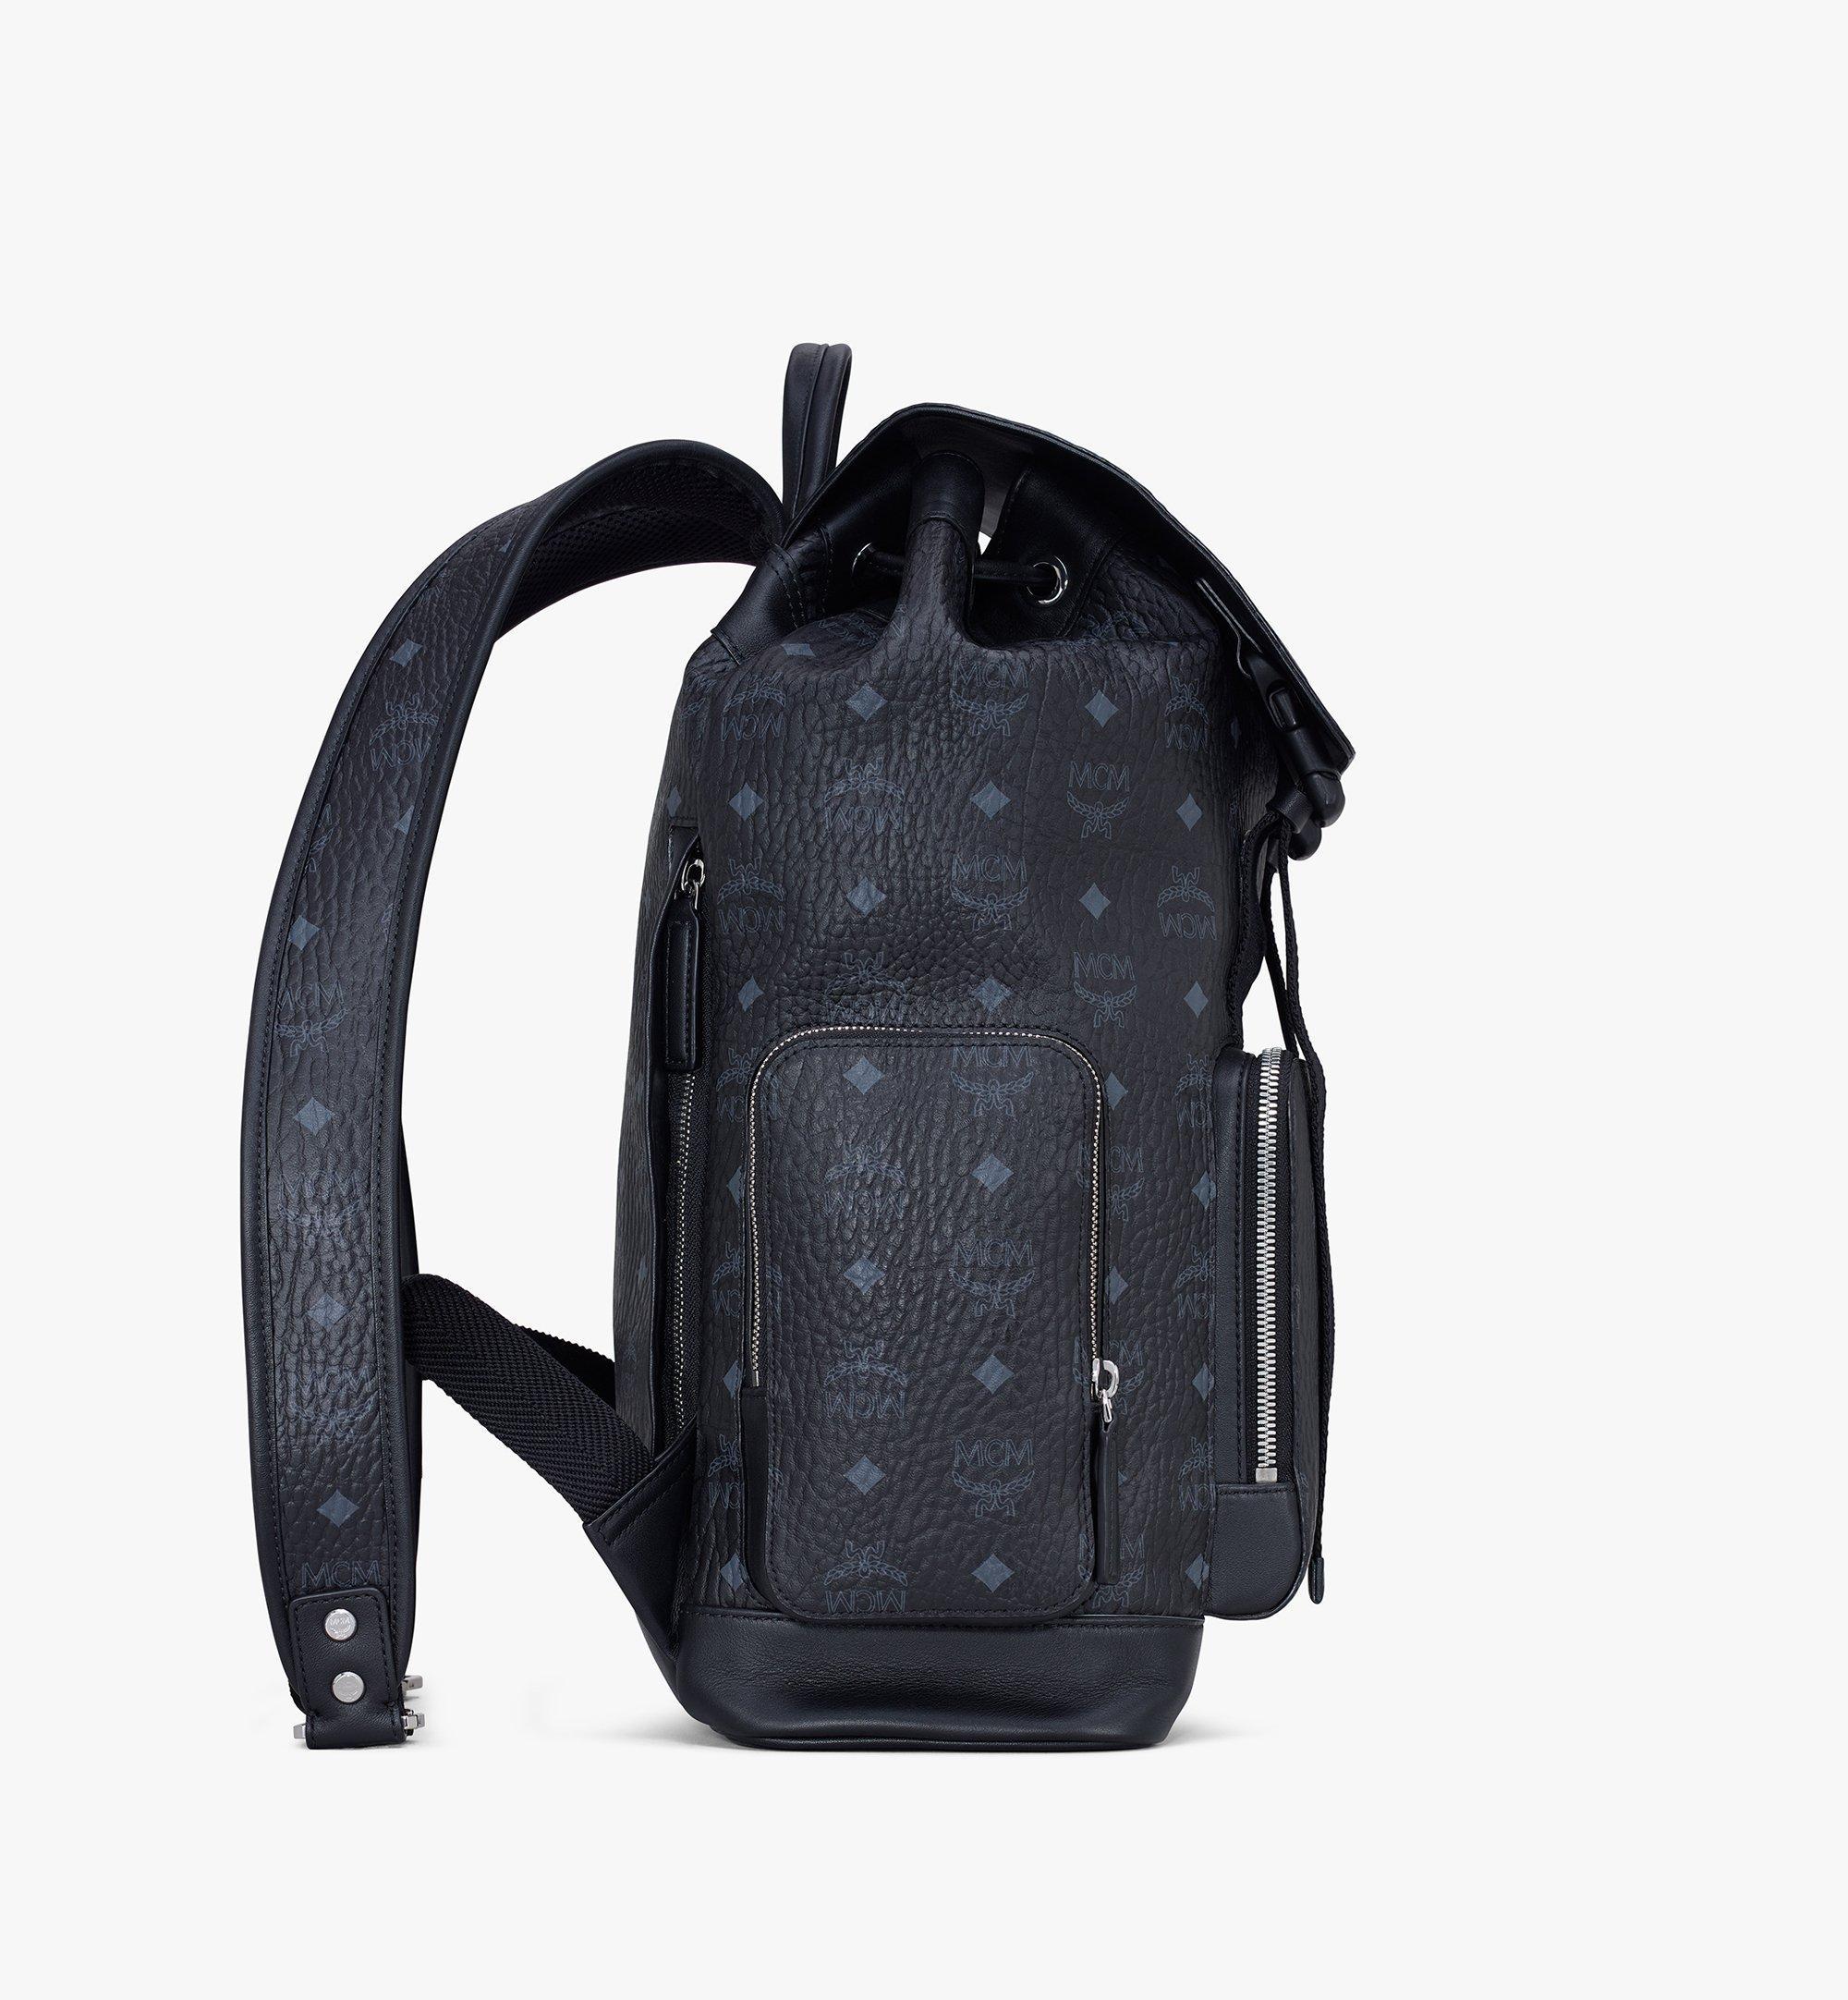 Medium Brandenburg Rucksack in Visetos Black   MCM® DE